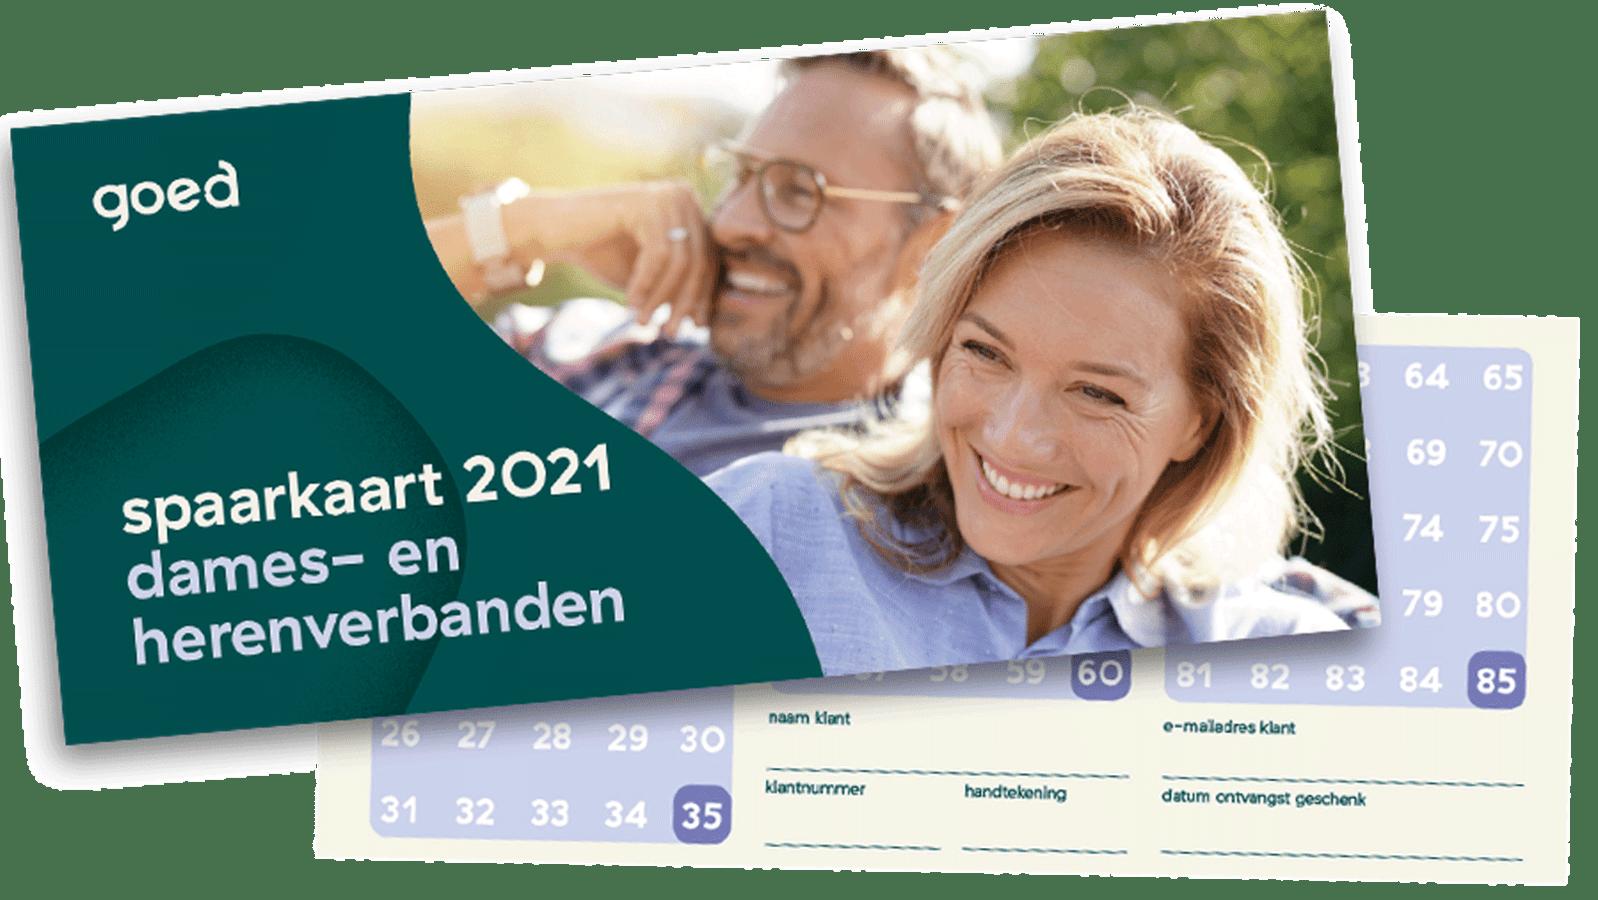 spaarkaart incontinentiemateriaal 2021